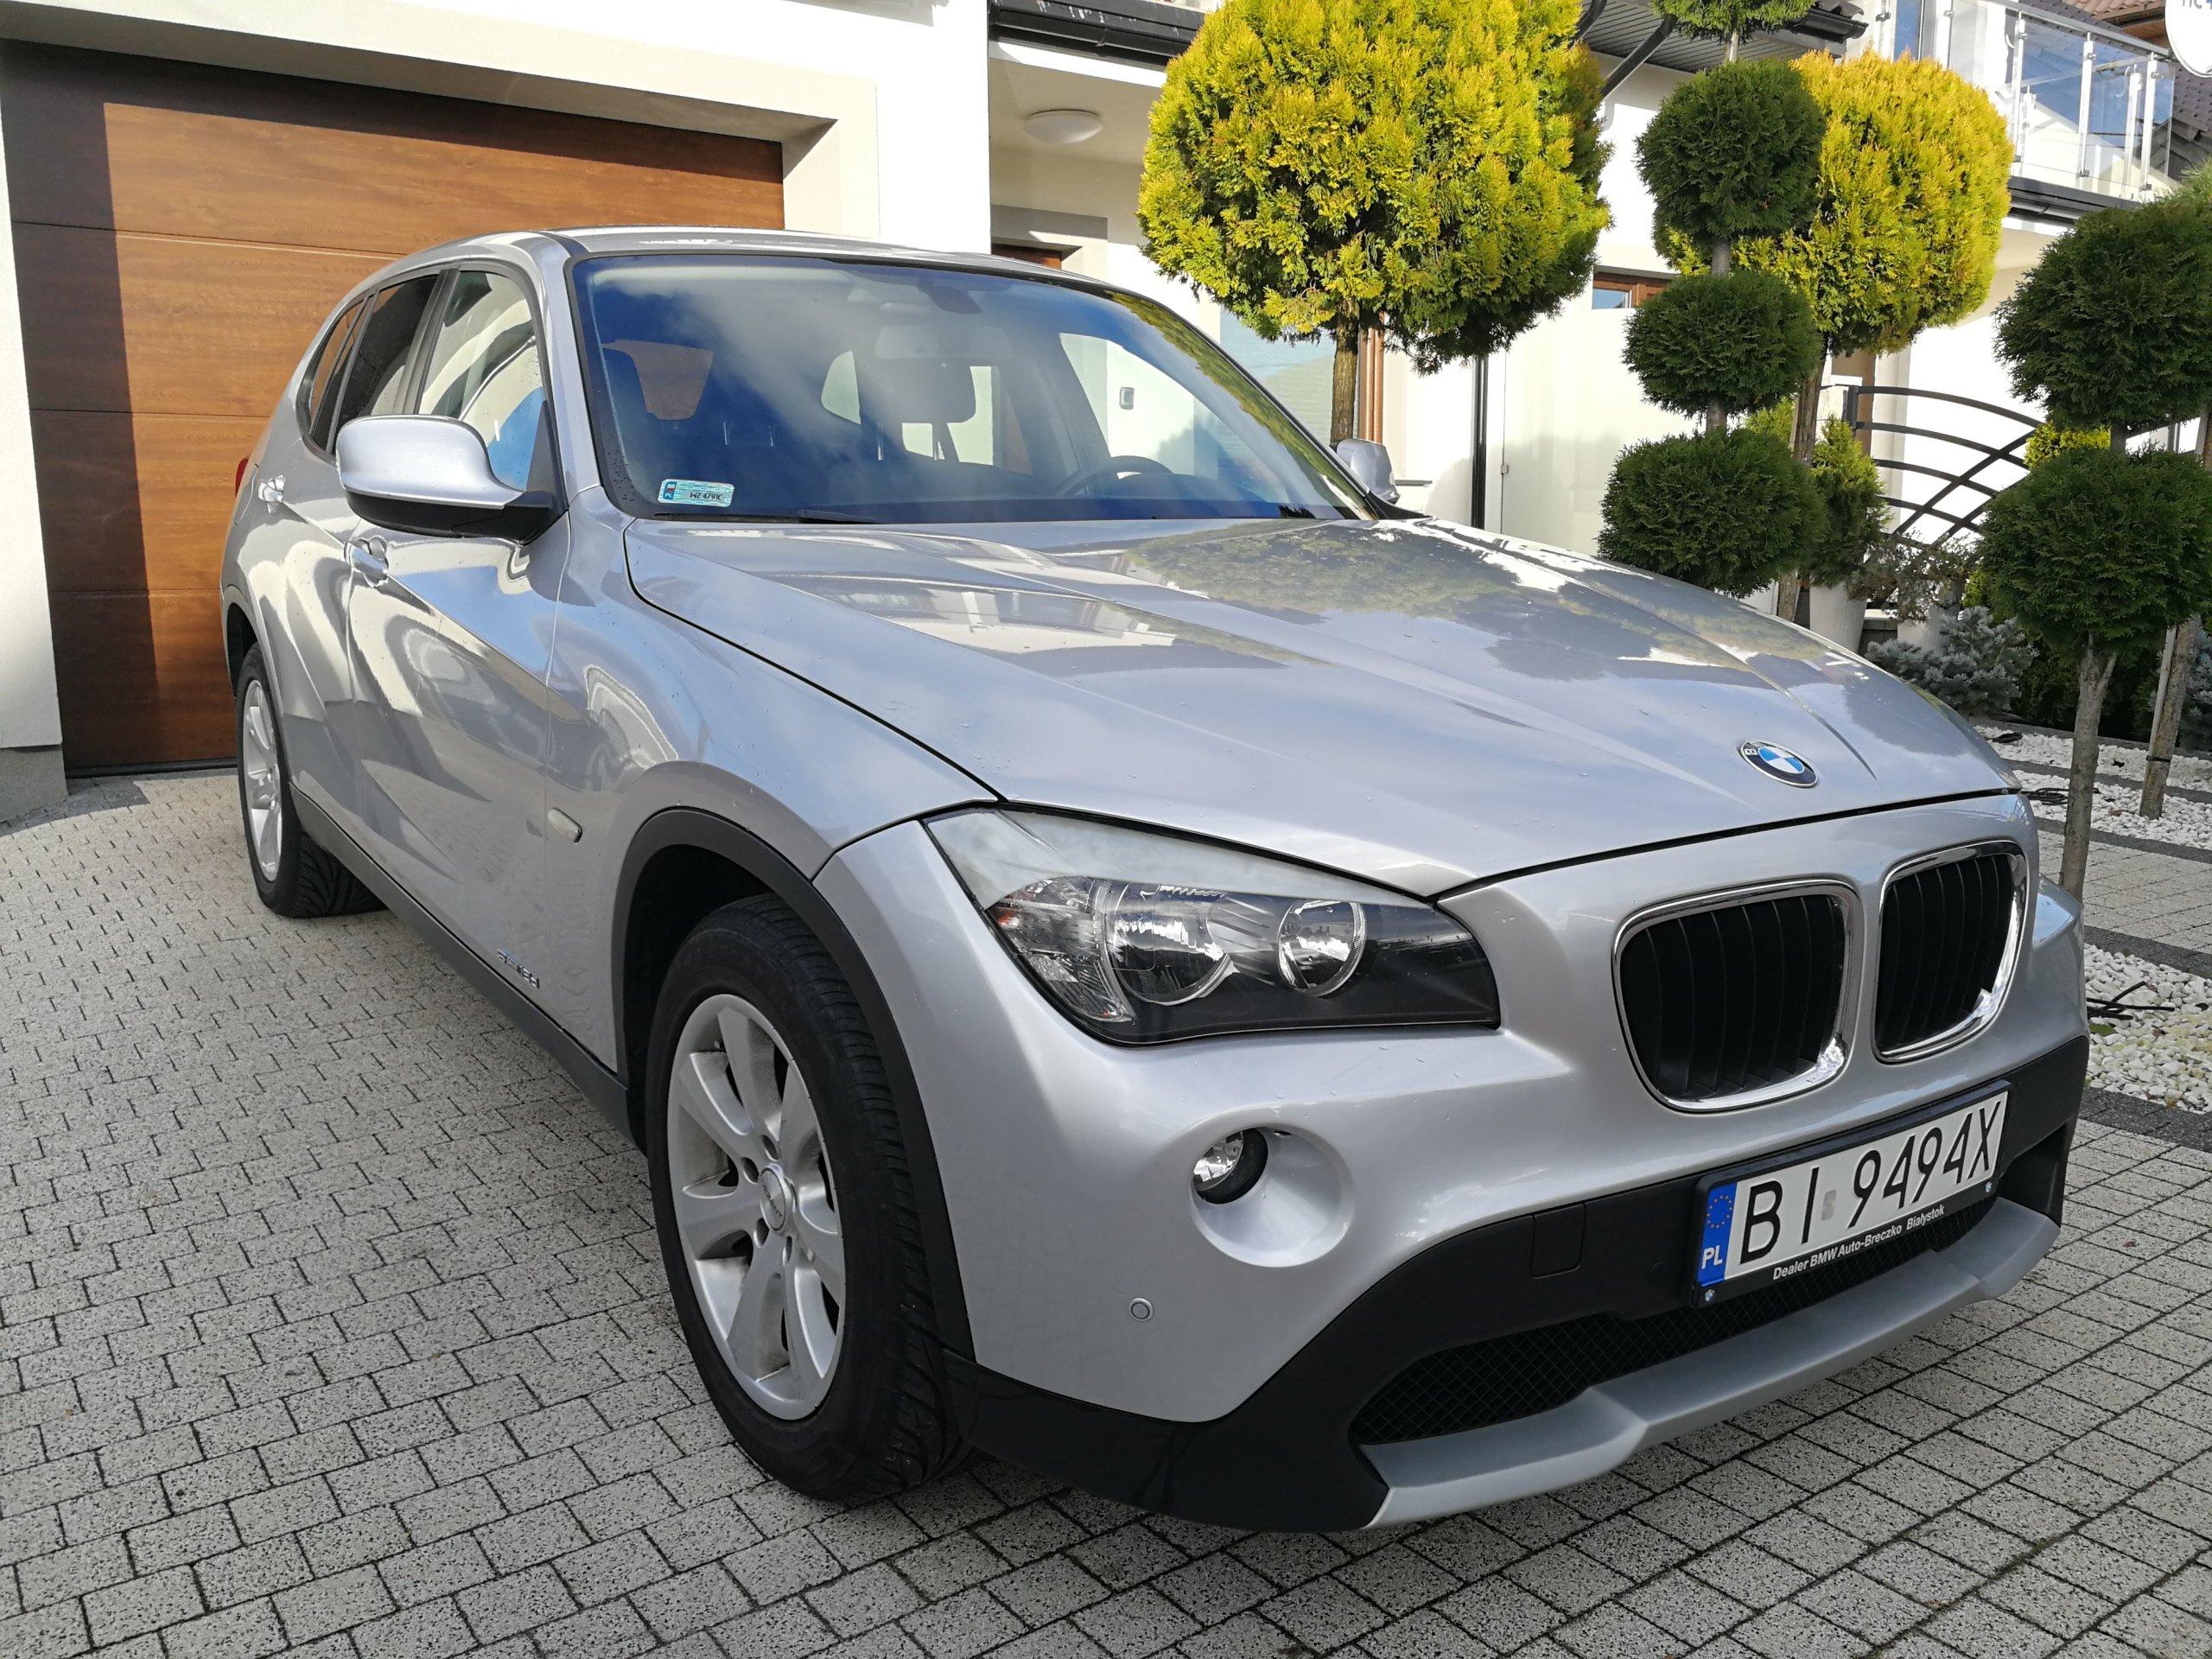 BMW X1 2 0d 143KM PIĘKNY SUV Z POLSKIEGO SALONU